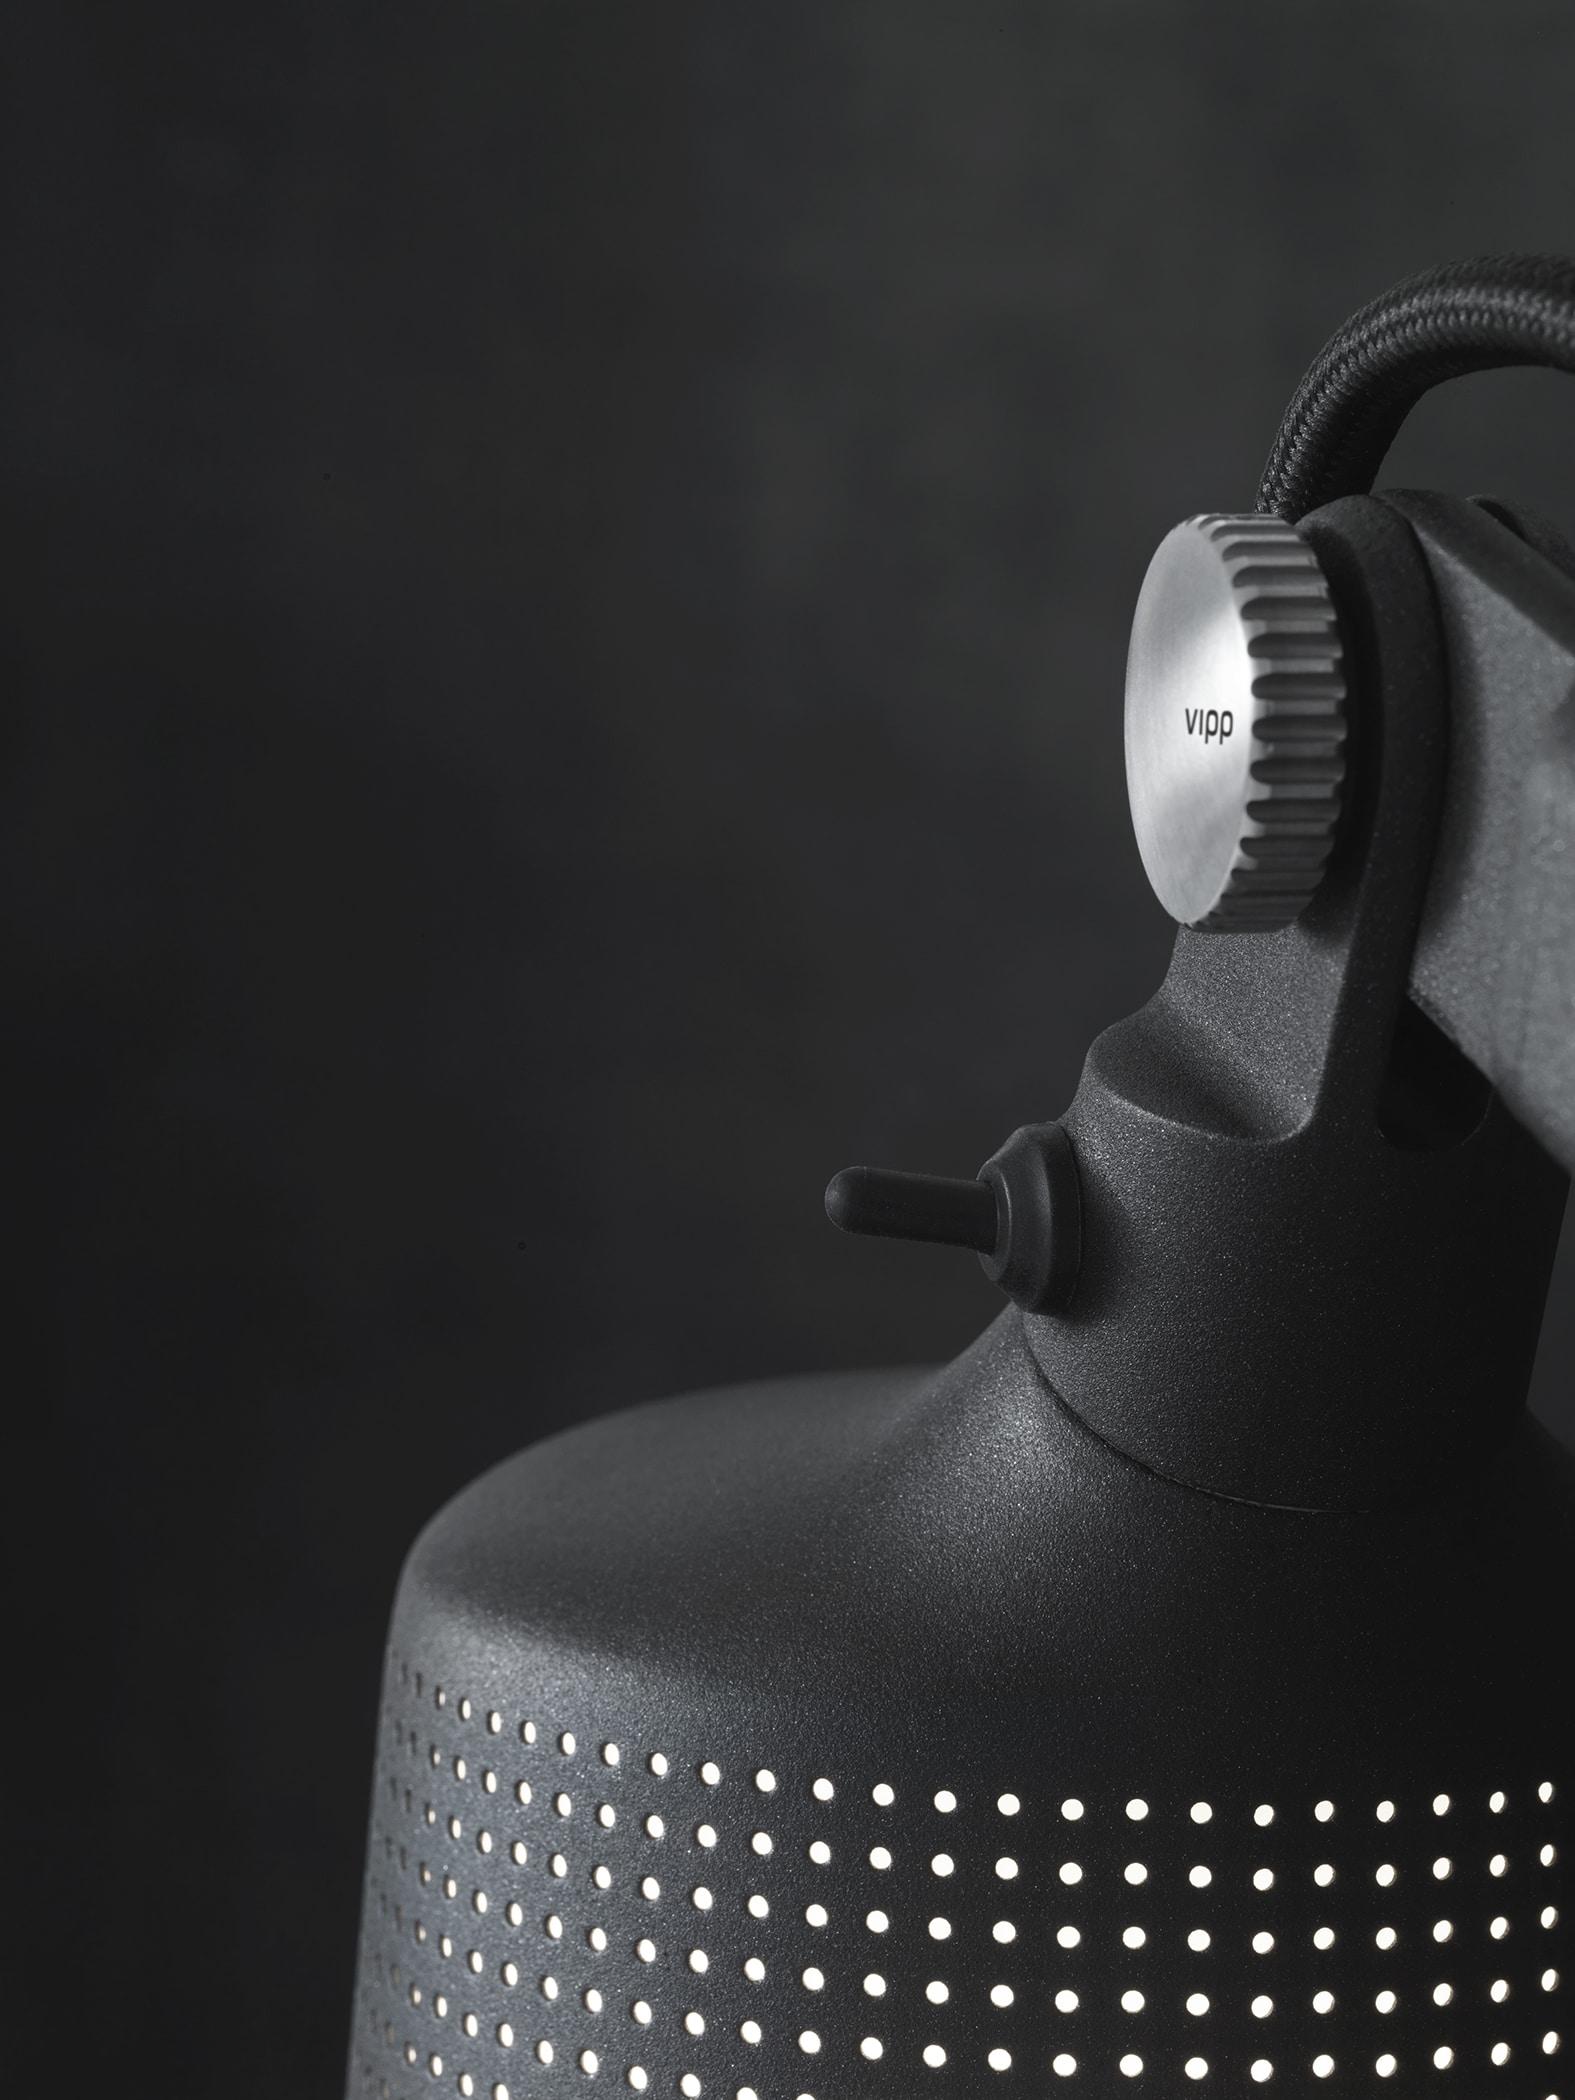 vipp lamp detail low